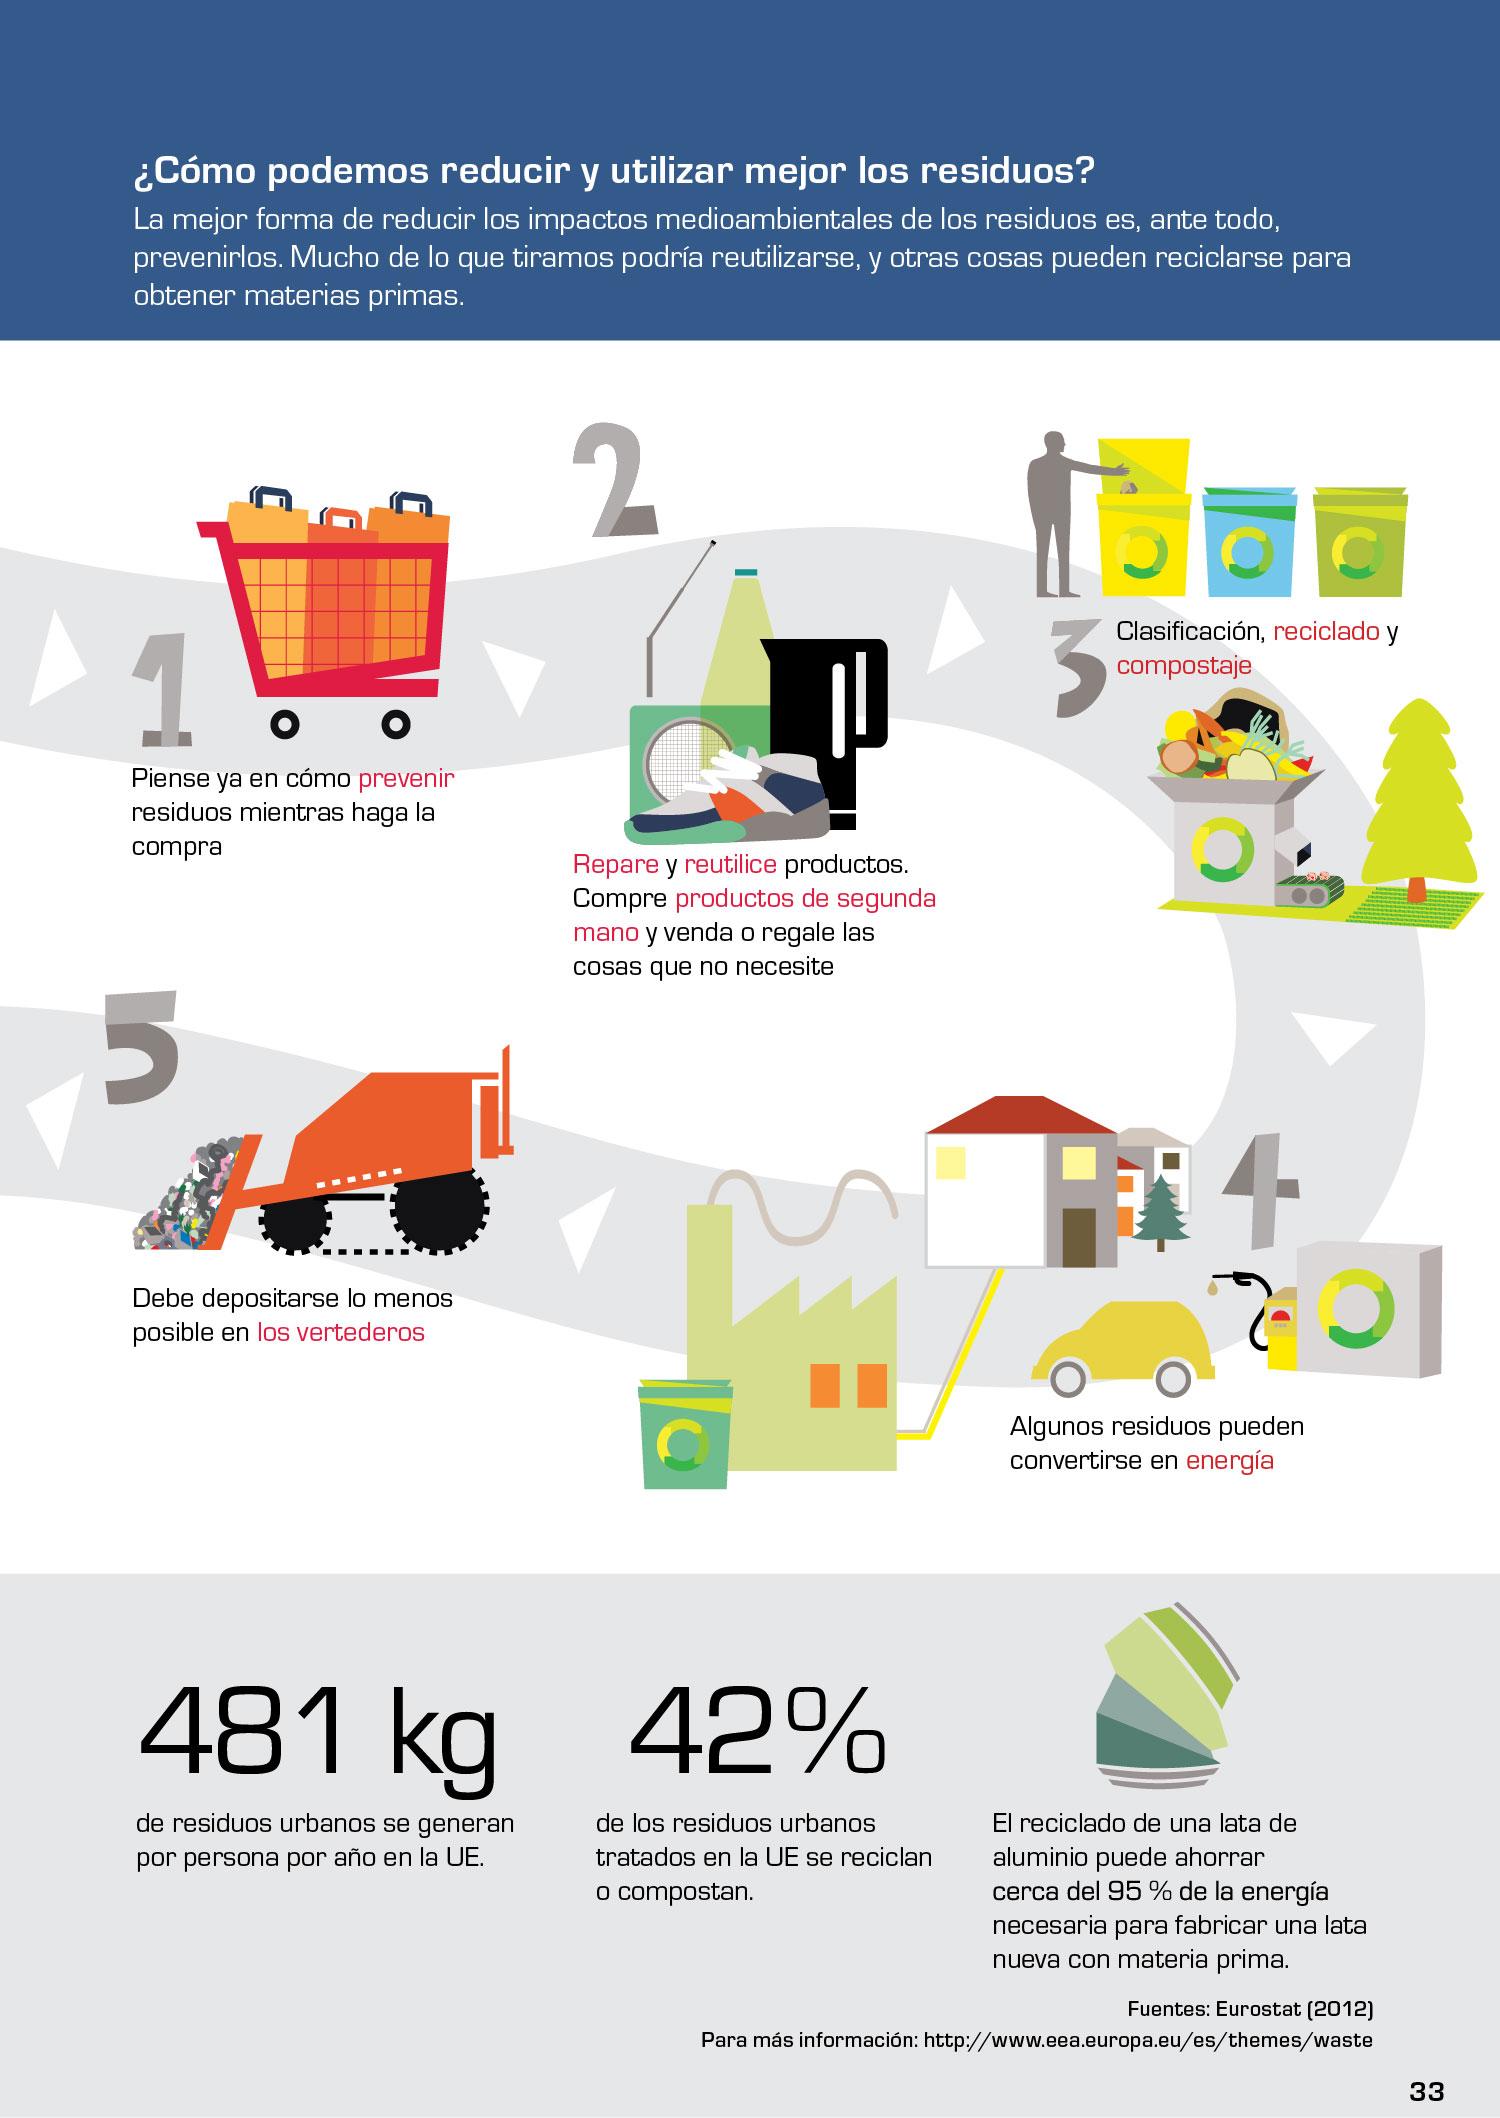 ¿Cómo podemos reducir y utilizar mejor los residuos?